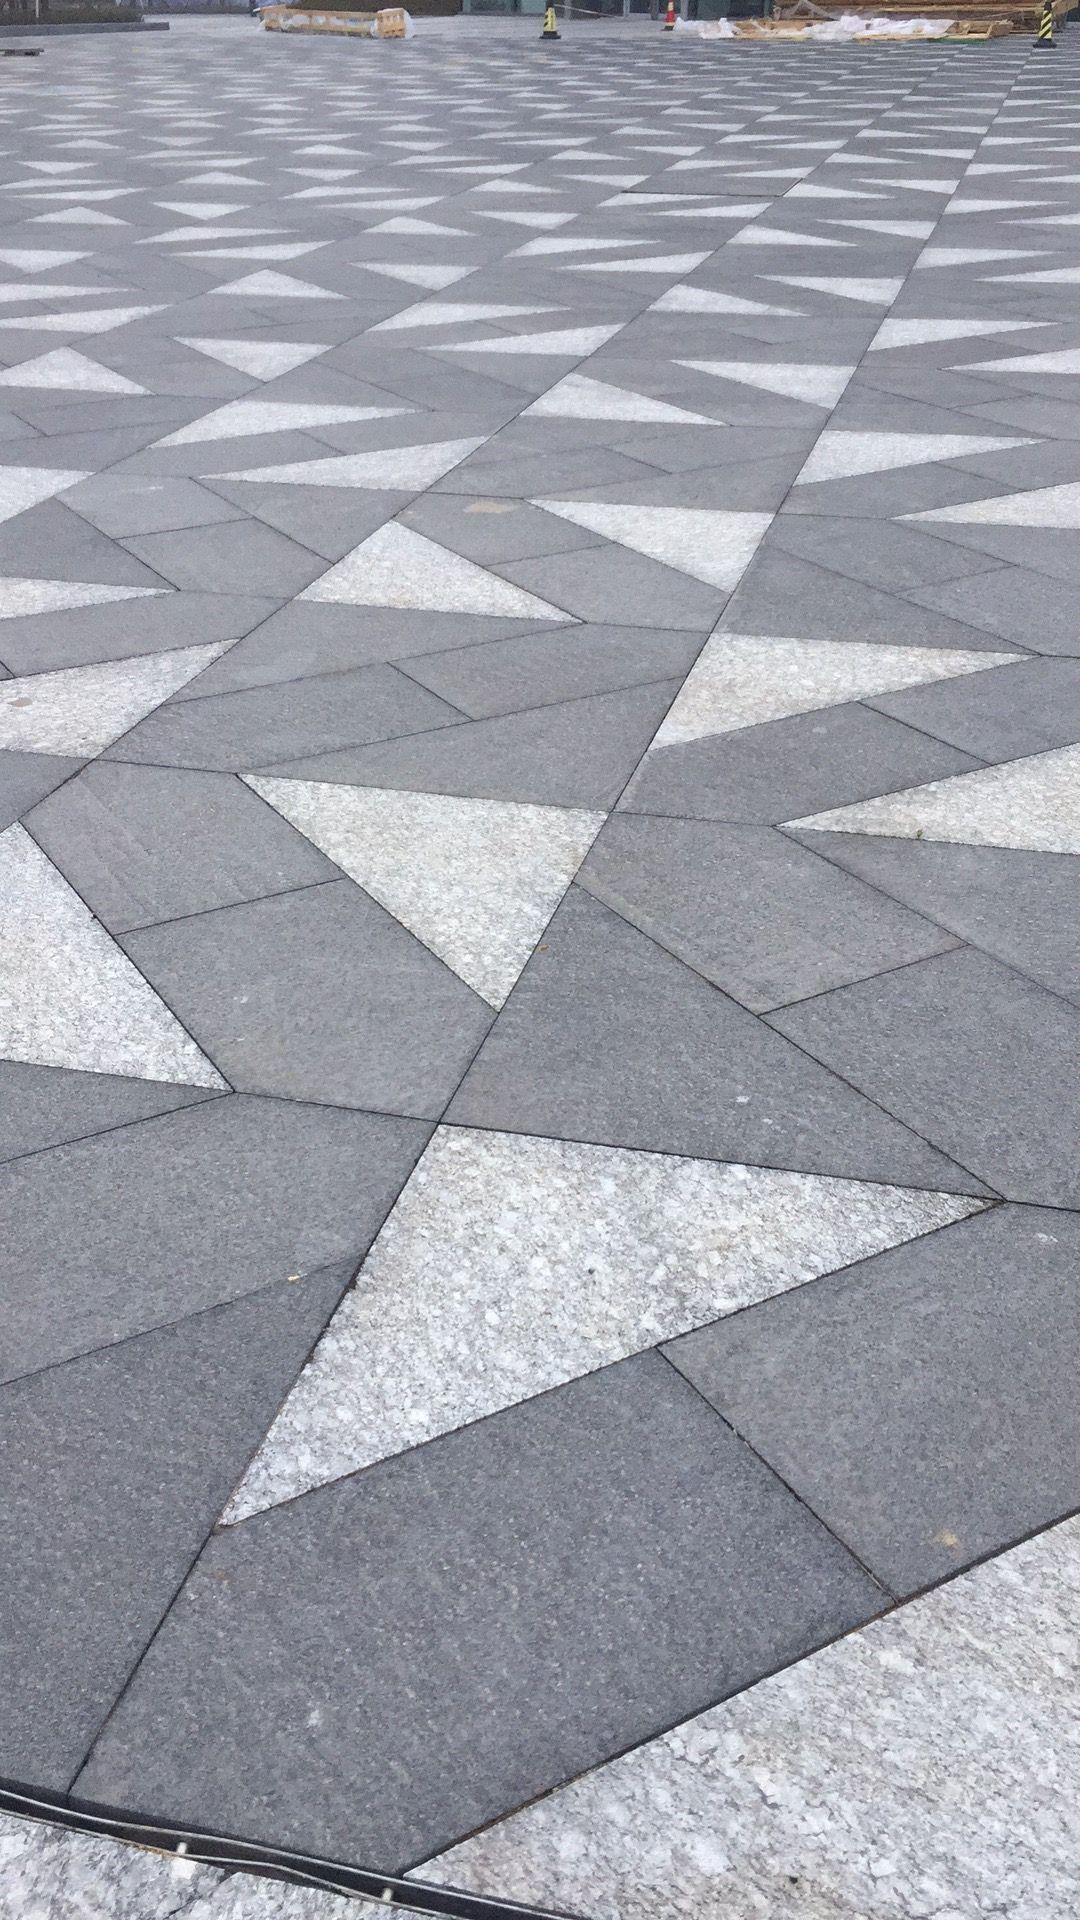 Pin By Monika Radics On Garden Details Pavement Design Paving Design Paving Pattern